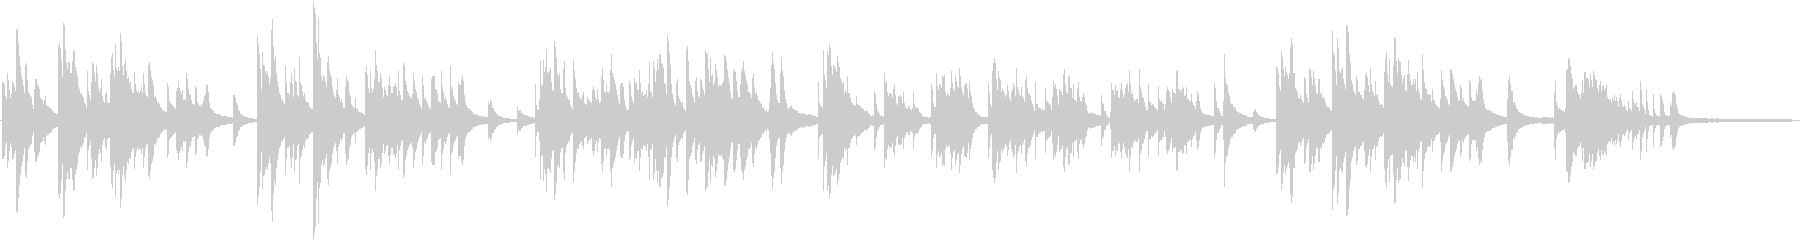 想い出に耽るようなピアノバラードの未再生の波形